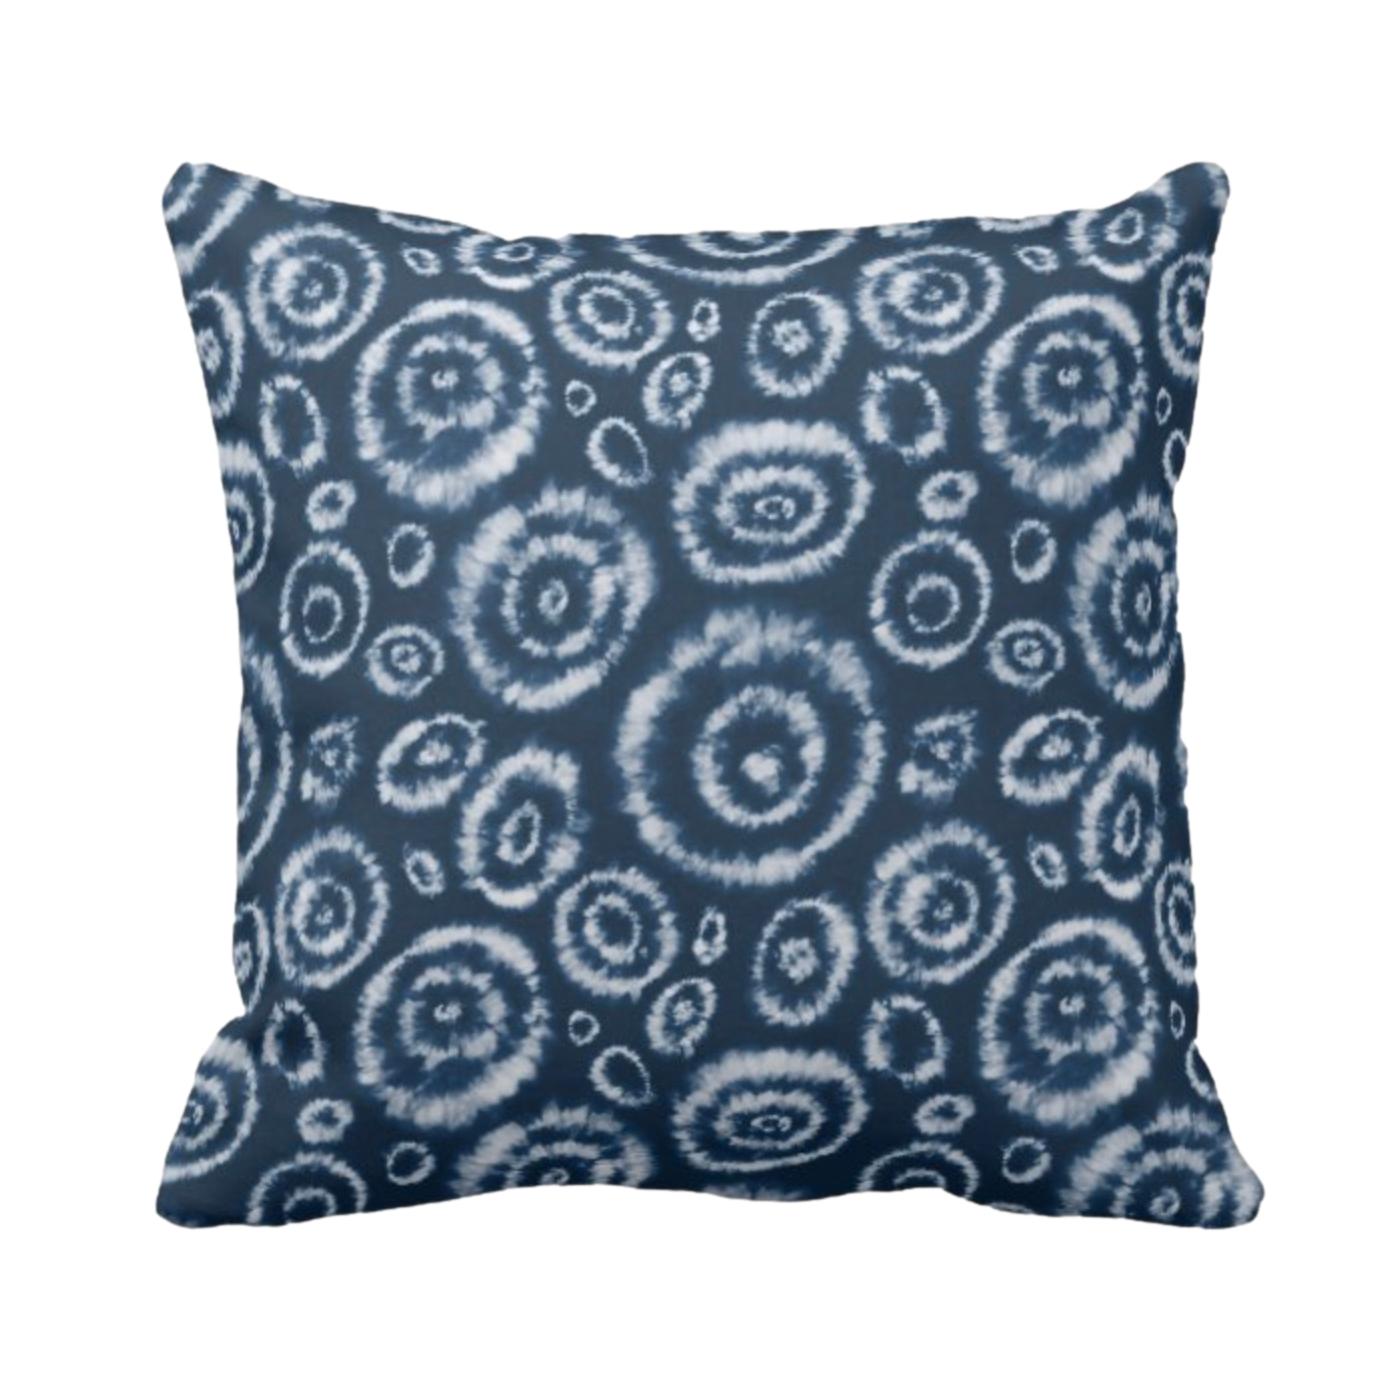 Tie Dye Print Design Throw Cushion 1